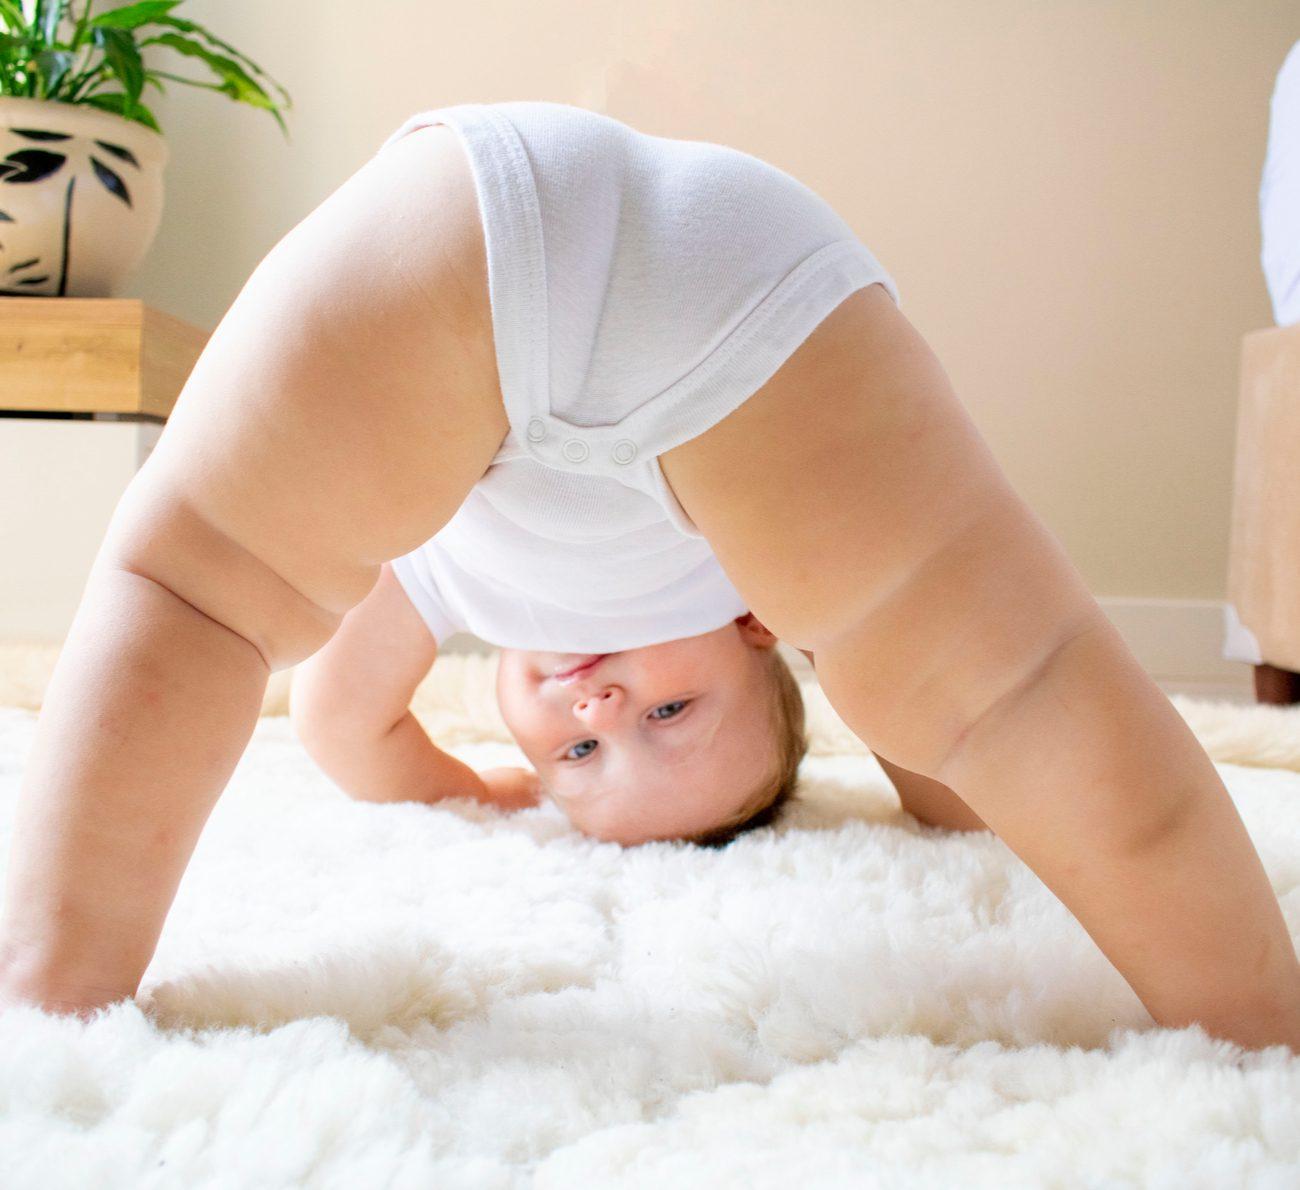 coisas estranhas que os bebês fazem